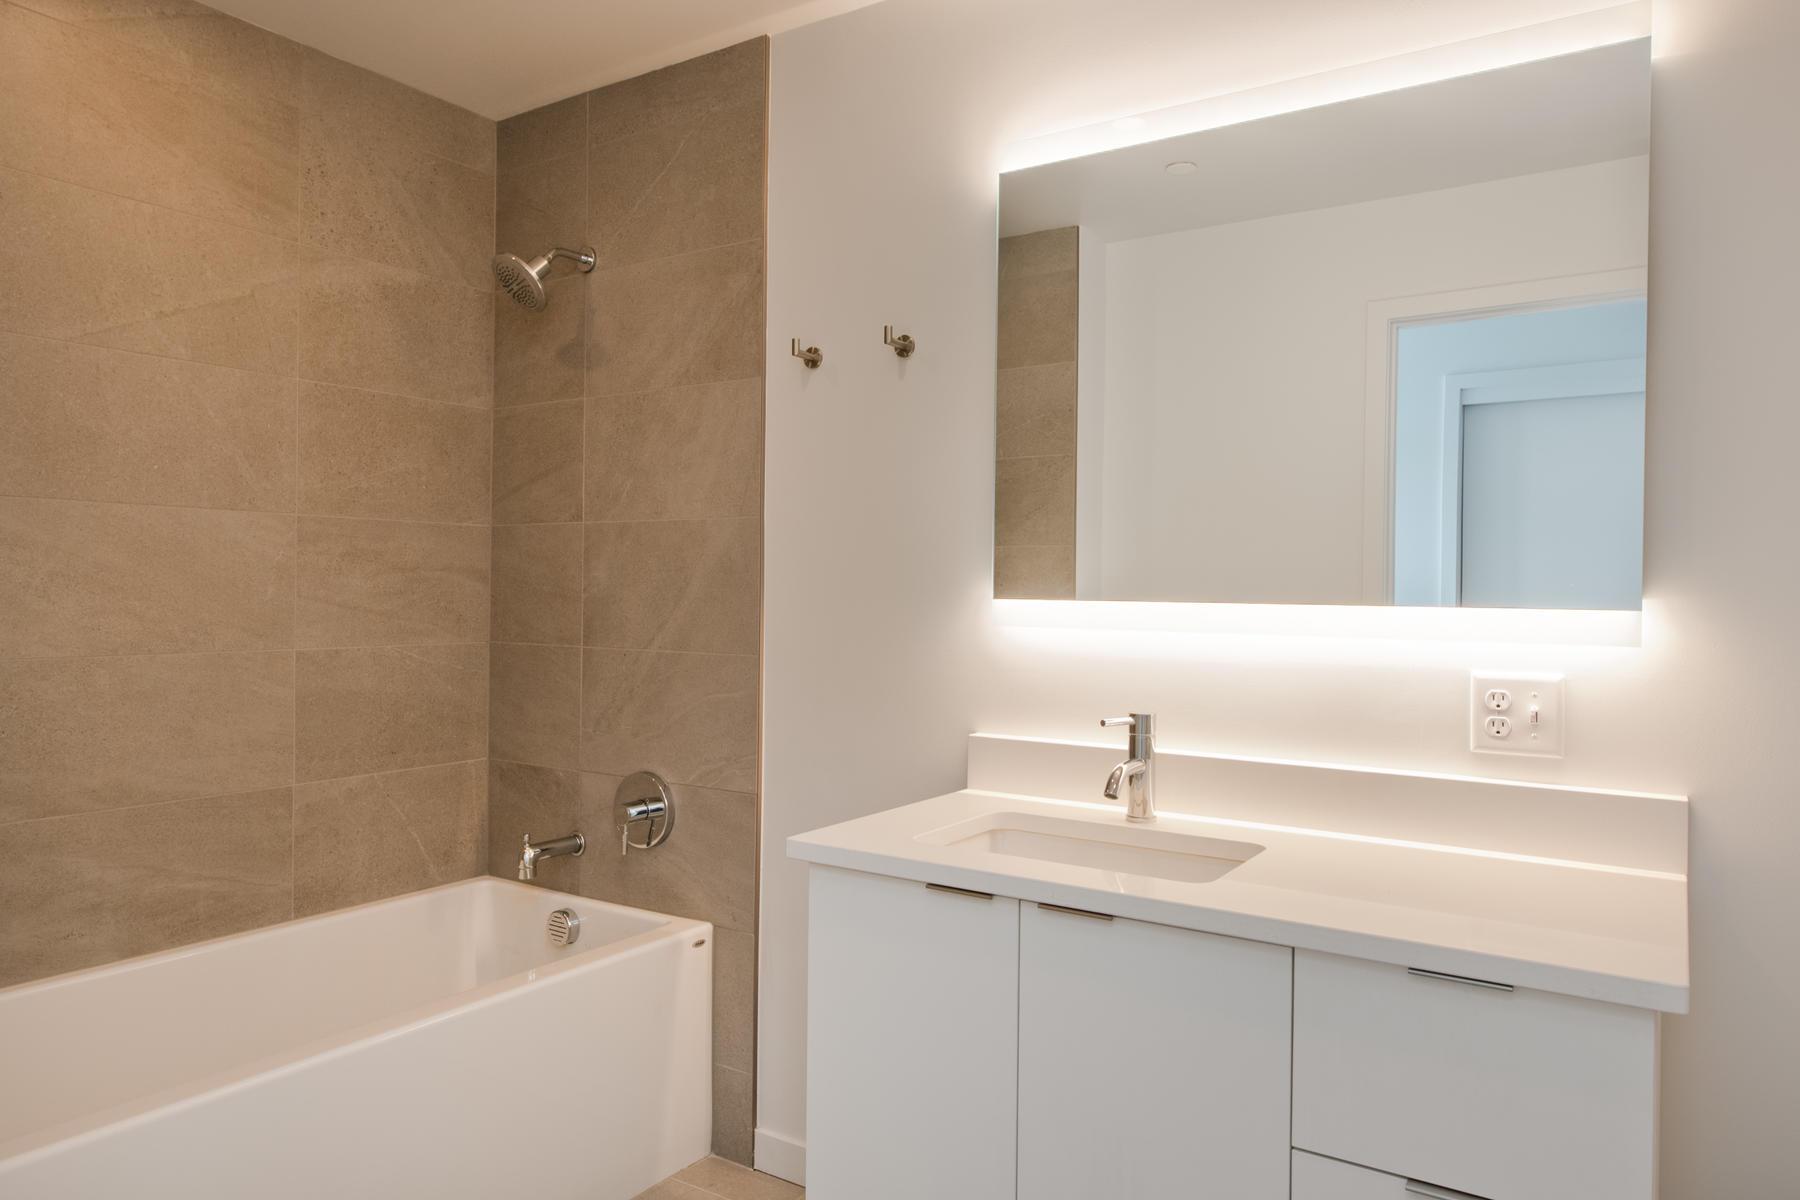 Additional photo for property listing at Ogden Flats 1300 North Ogden Street #402 Denver, Colorado 80218 United States